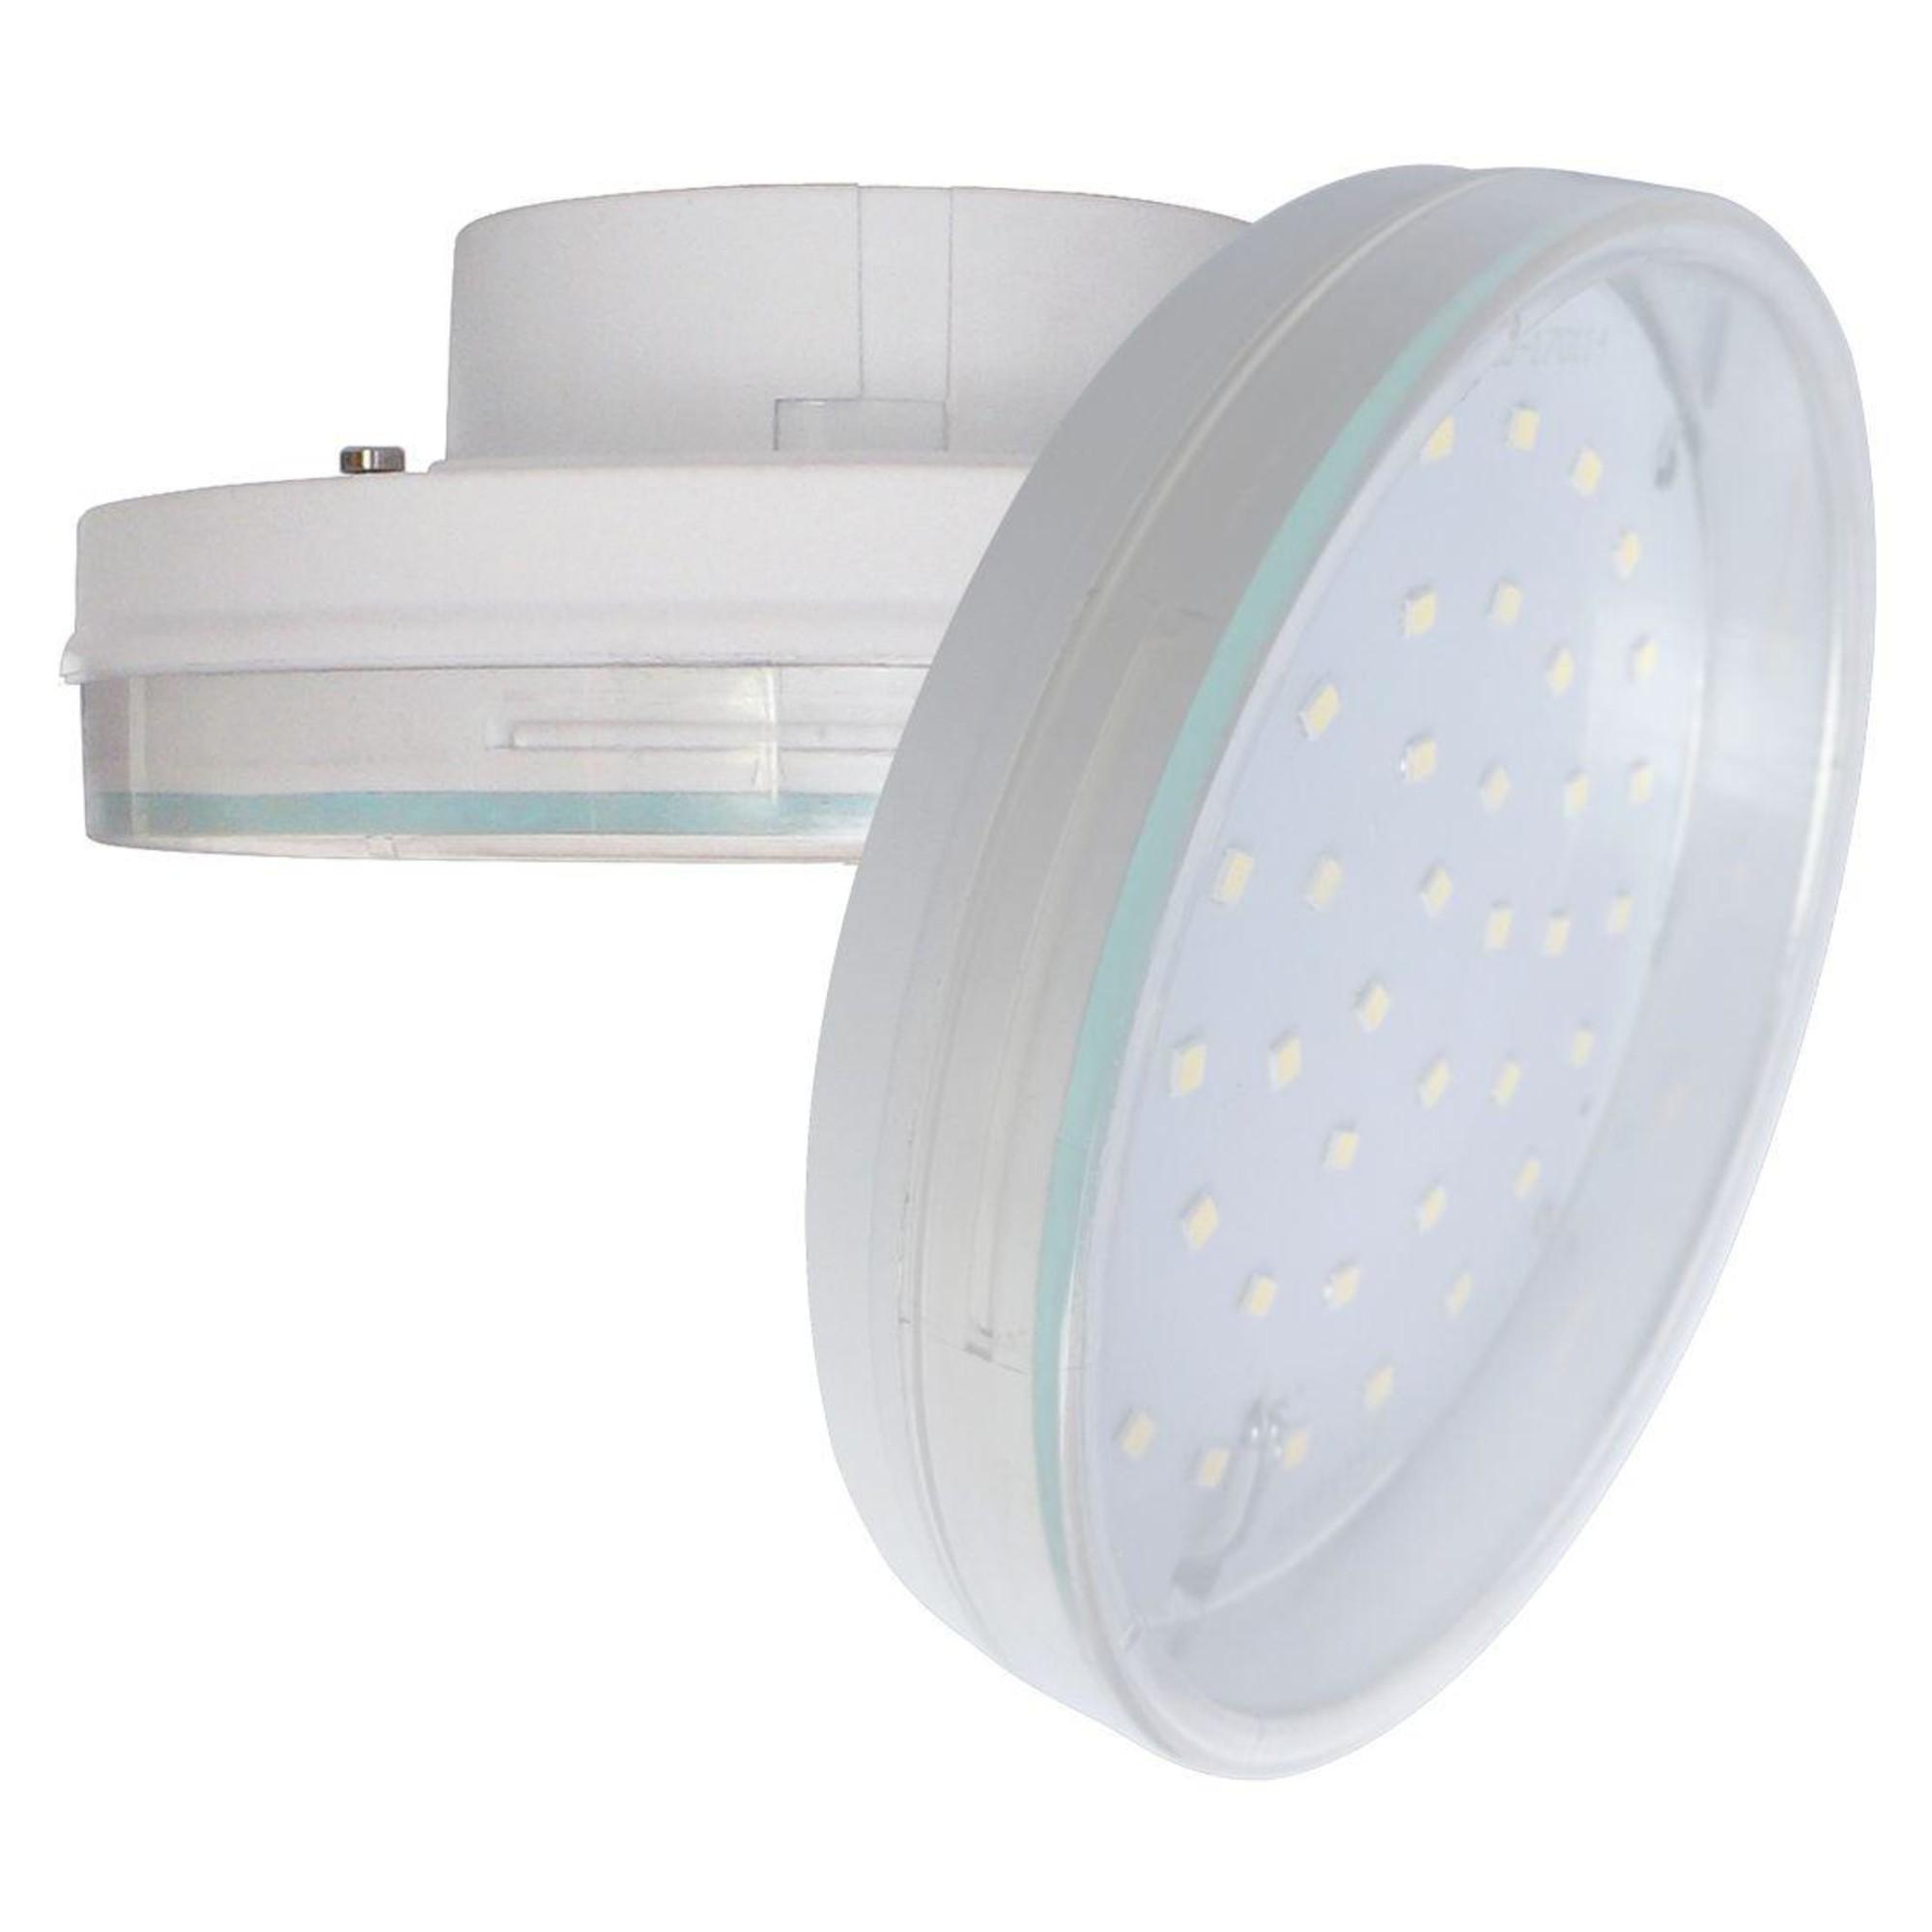 Лампа Ecola стандарт светодионая GX70 20 Вт таблетка 1600 Лм нейтральный свет